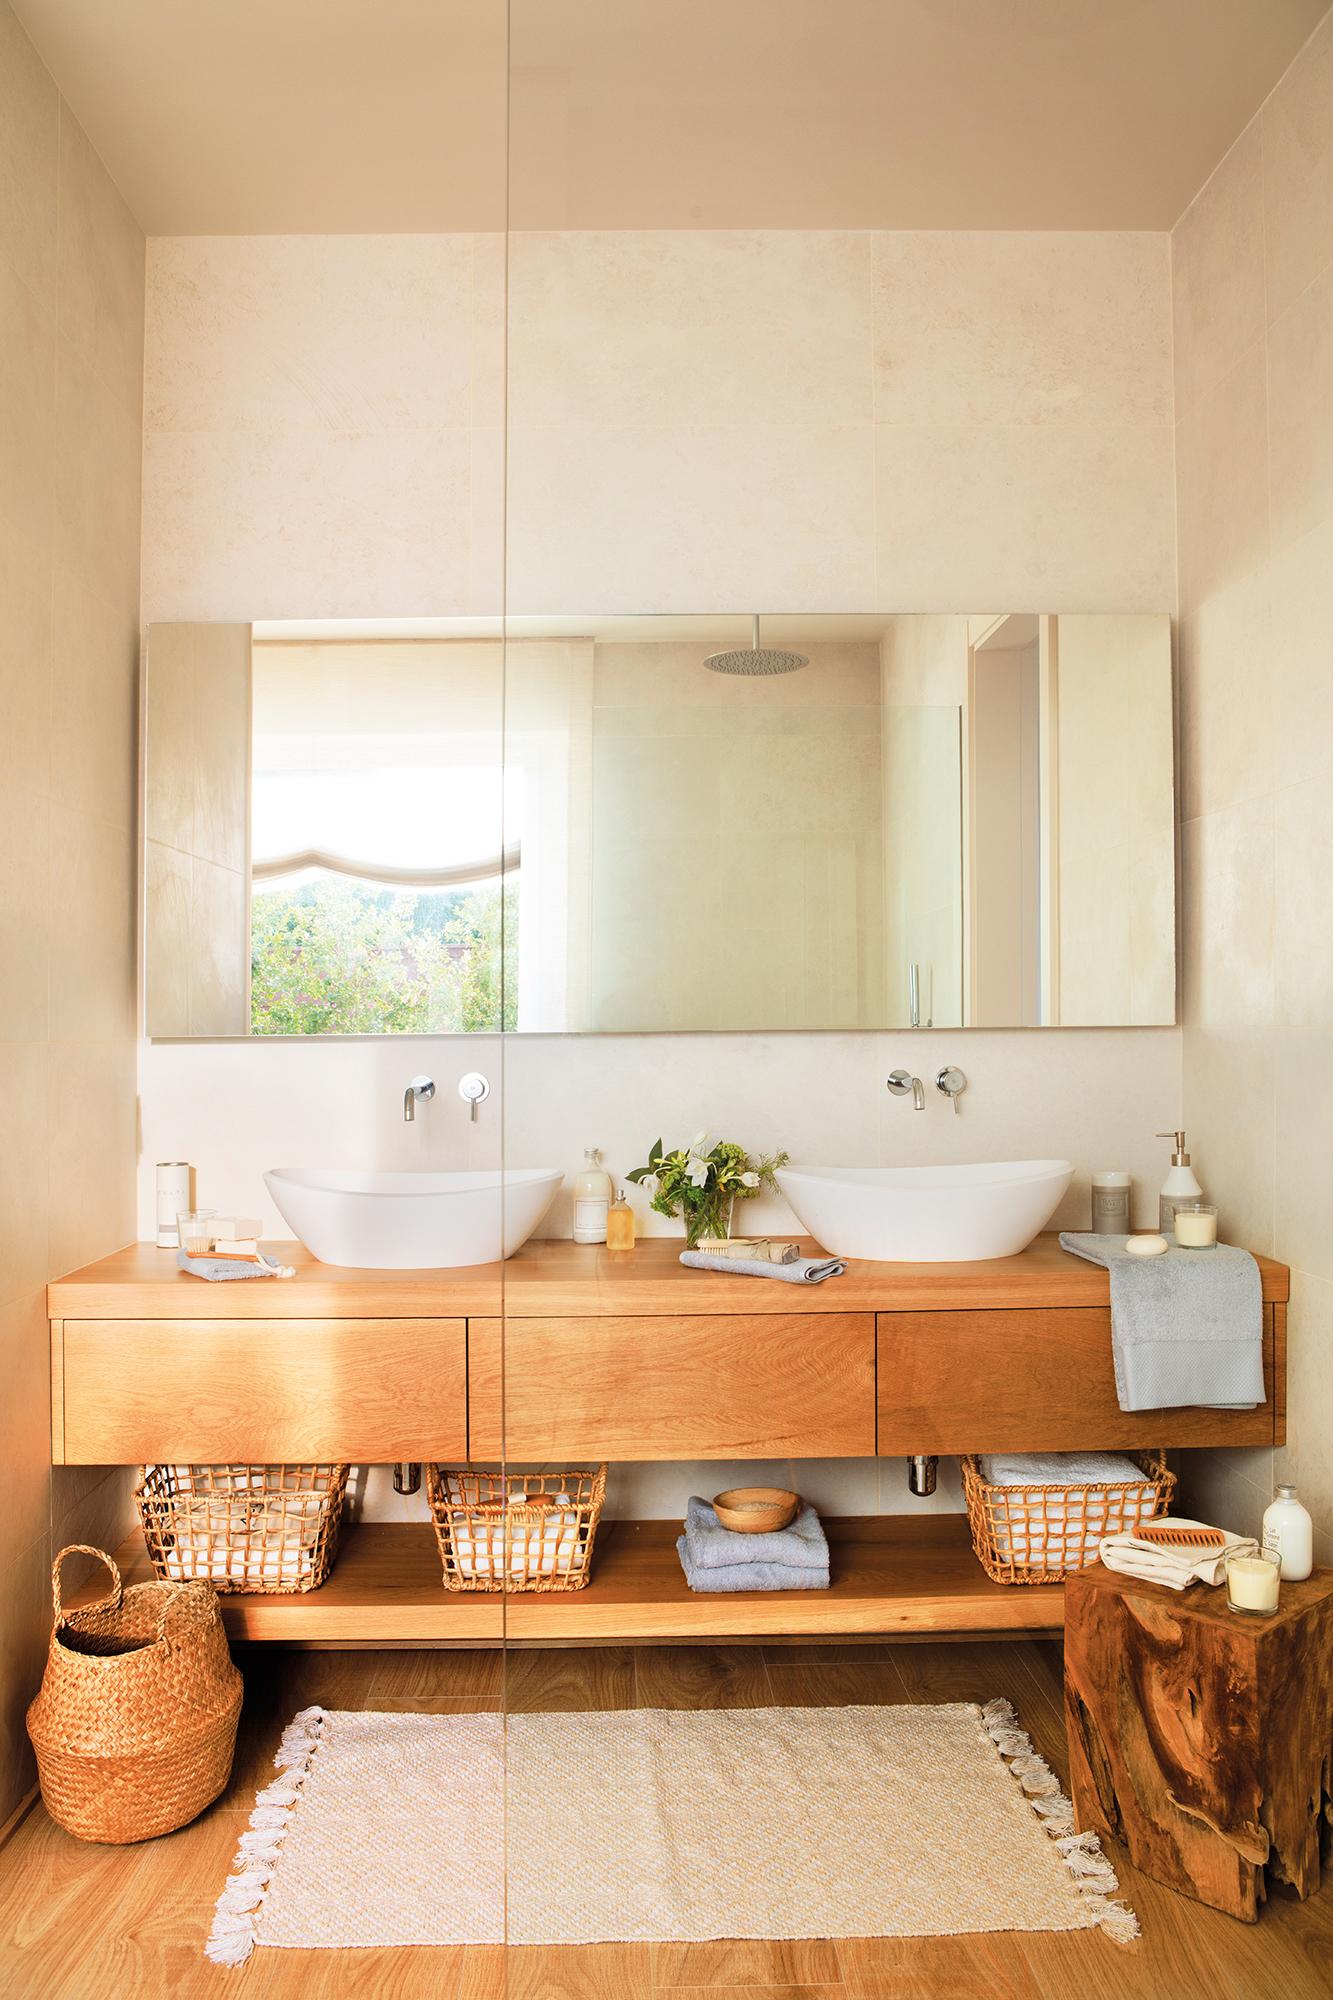 Sanitarios claves para elegir el lavamanos y el inodoro for Muebles bano rusticos ikea